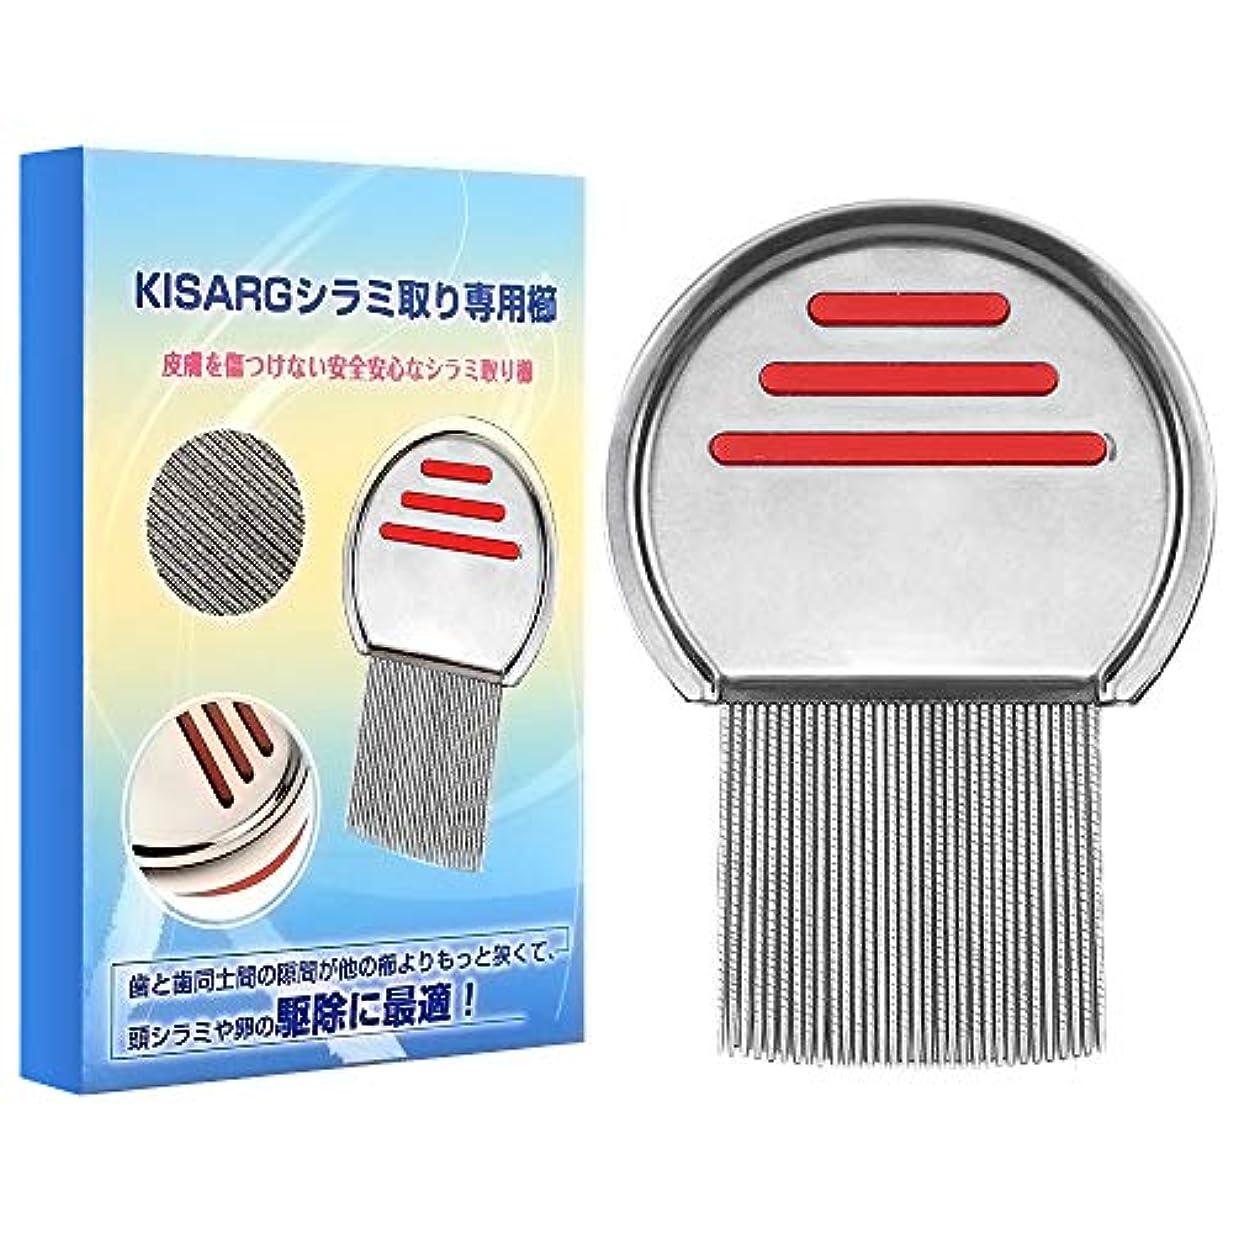 雰囲気を除く鉛KISARG頭シラミ くし シラミ ブラシ 子供 シラミ卵駆除 シラミとりくし シラミ退治 梳き櫛 シラミ対策 ステンレス製